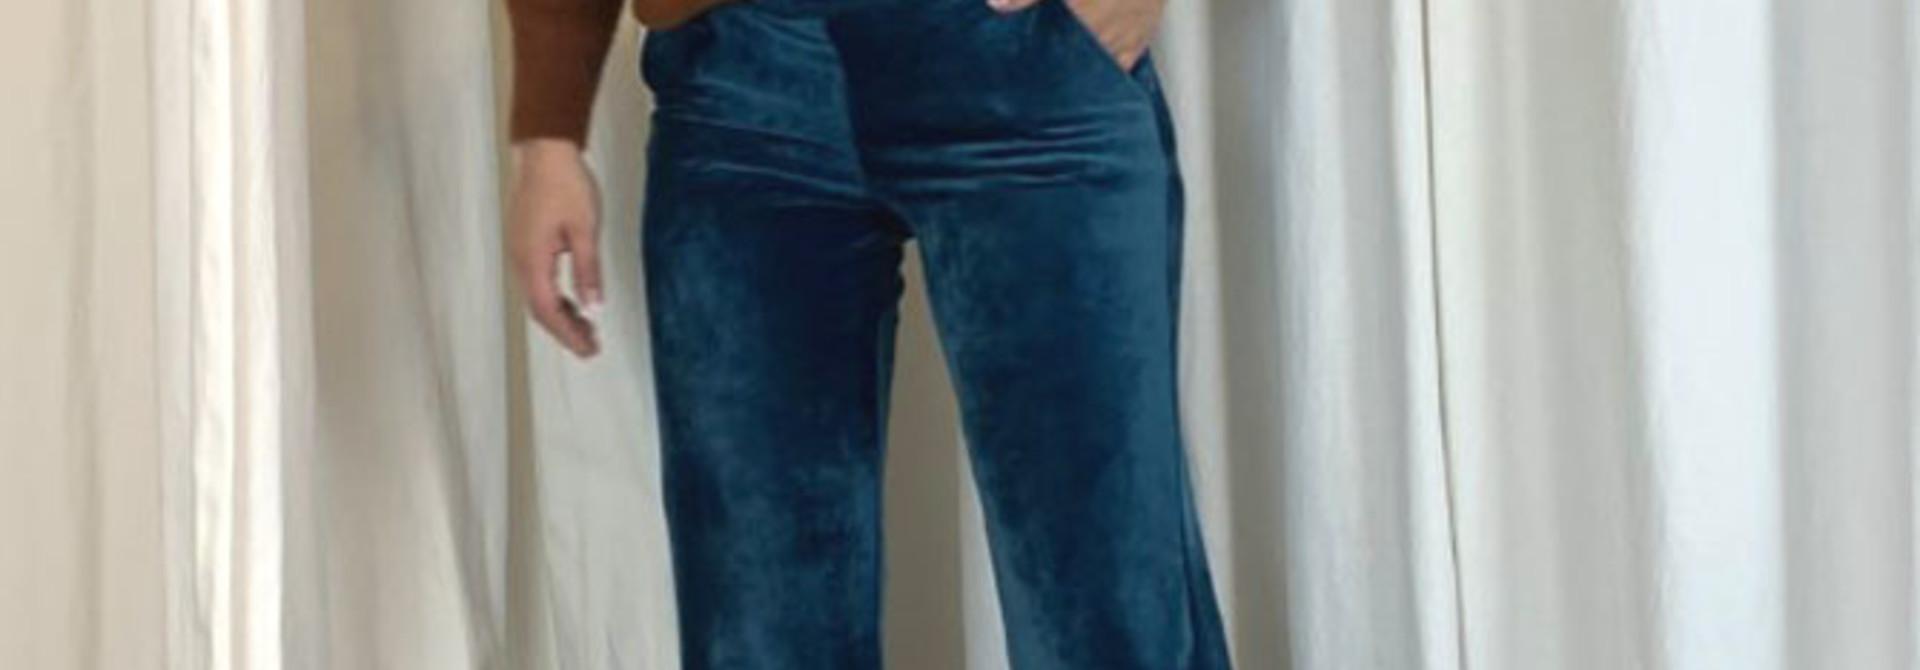 Lancio velvet pant Turquoise